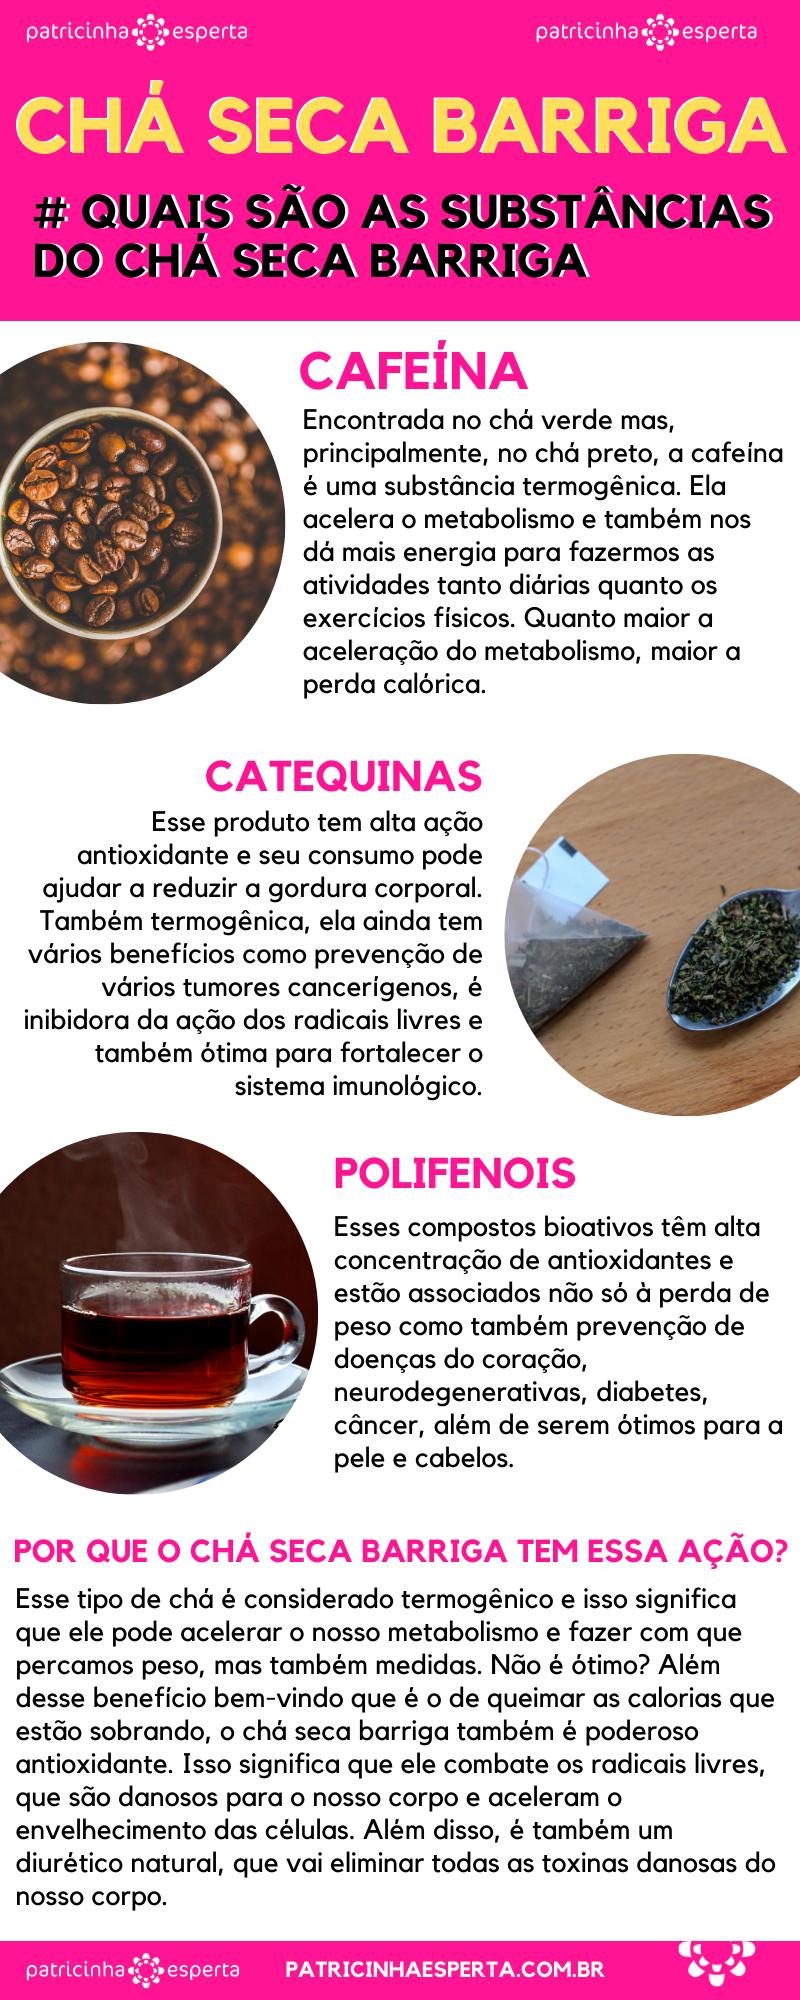 Infografico Laranja e Rosa sobre Tipos de Aprendizes - Chá seca barriga: o melhor para perder peso com saúde